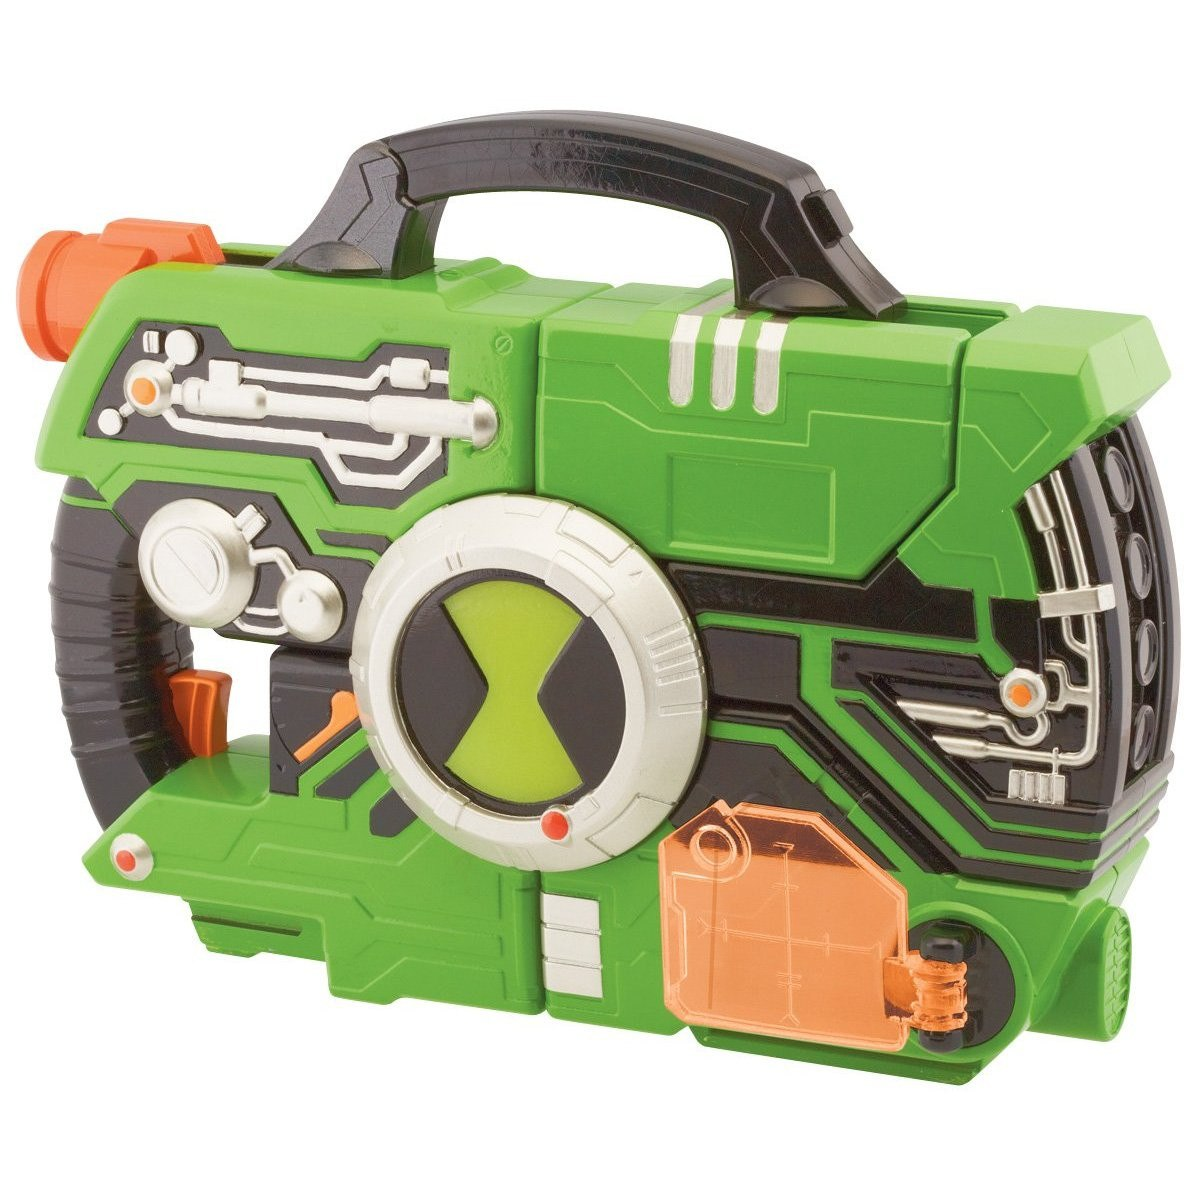 ben tech blaster juguetes en luz y sonido bunny toys